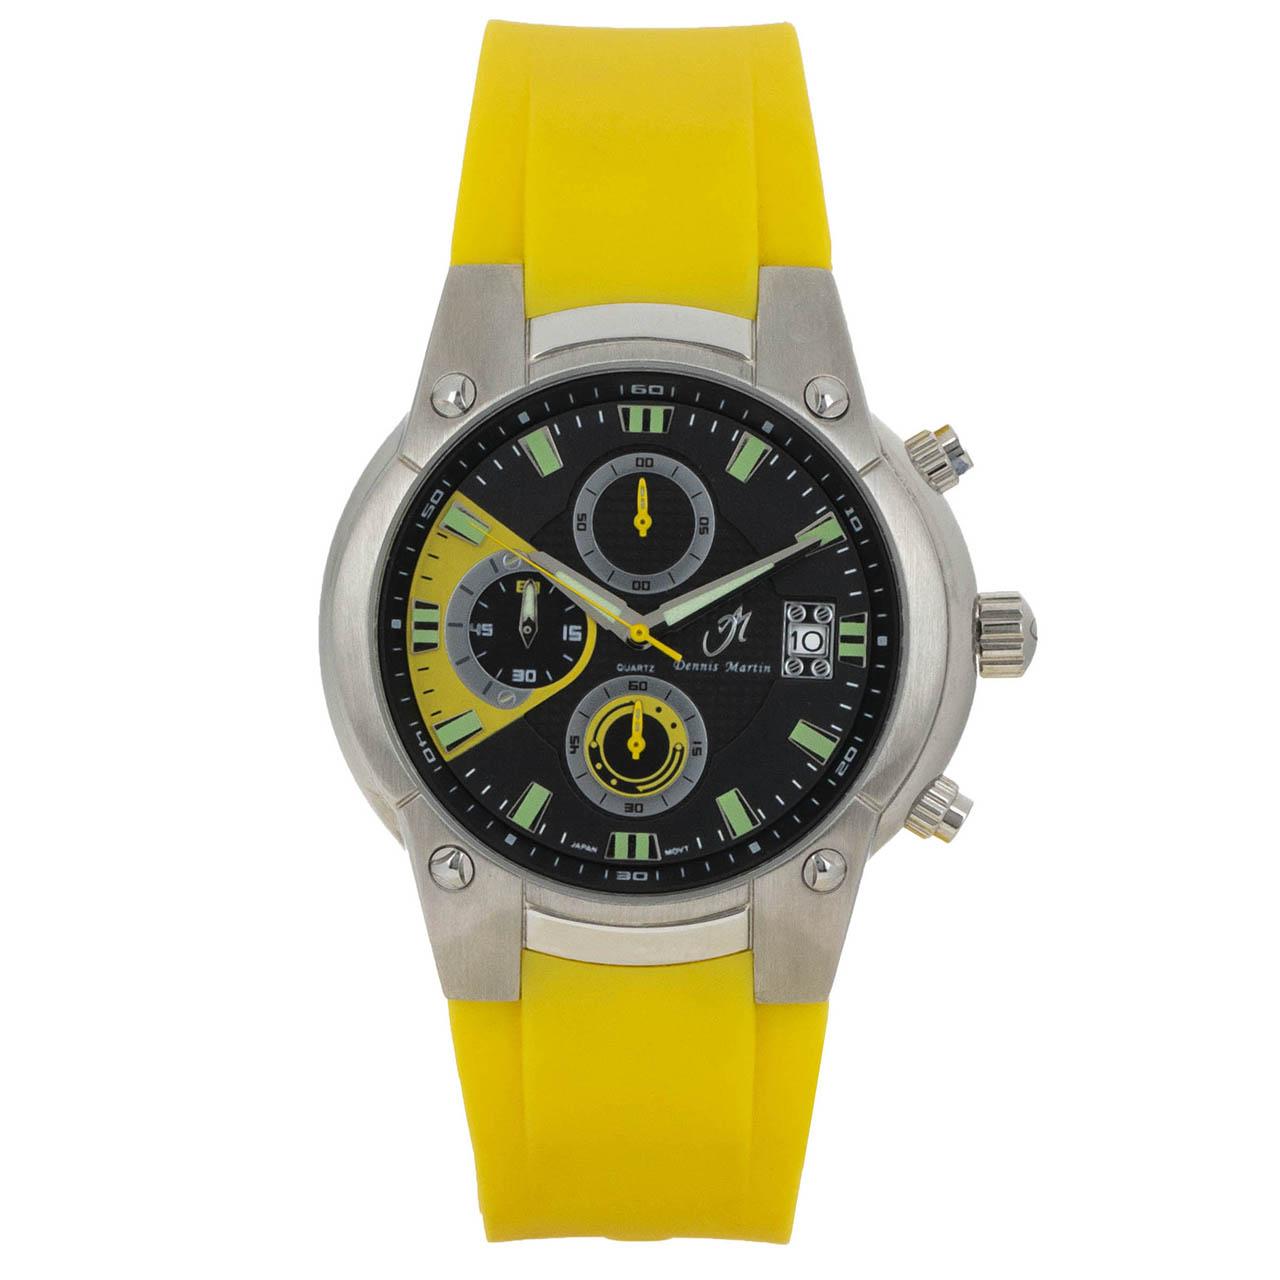 ساعت مچی عقربه ای مردانه دنیس مارتین مدل SSL-173.01.R16.08